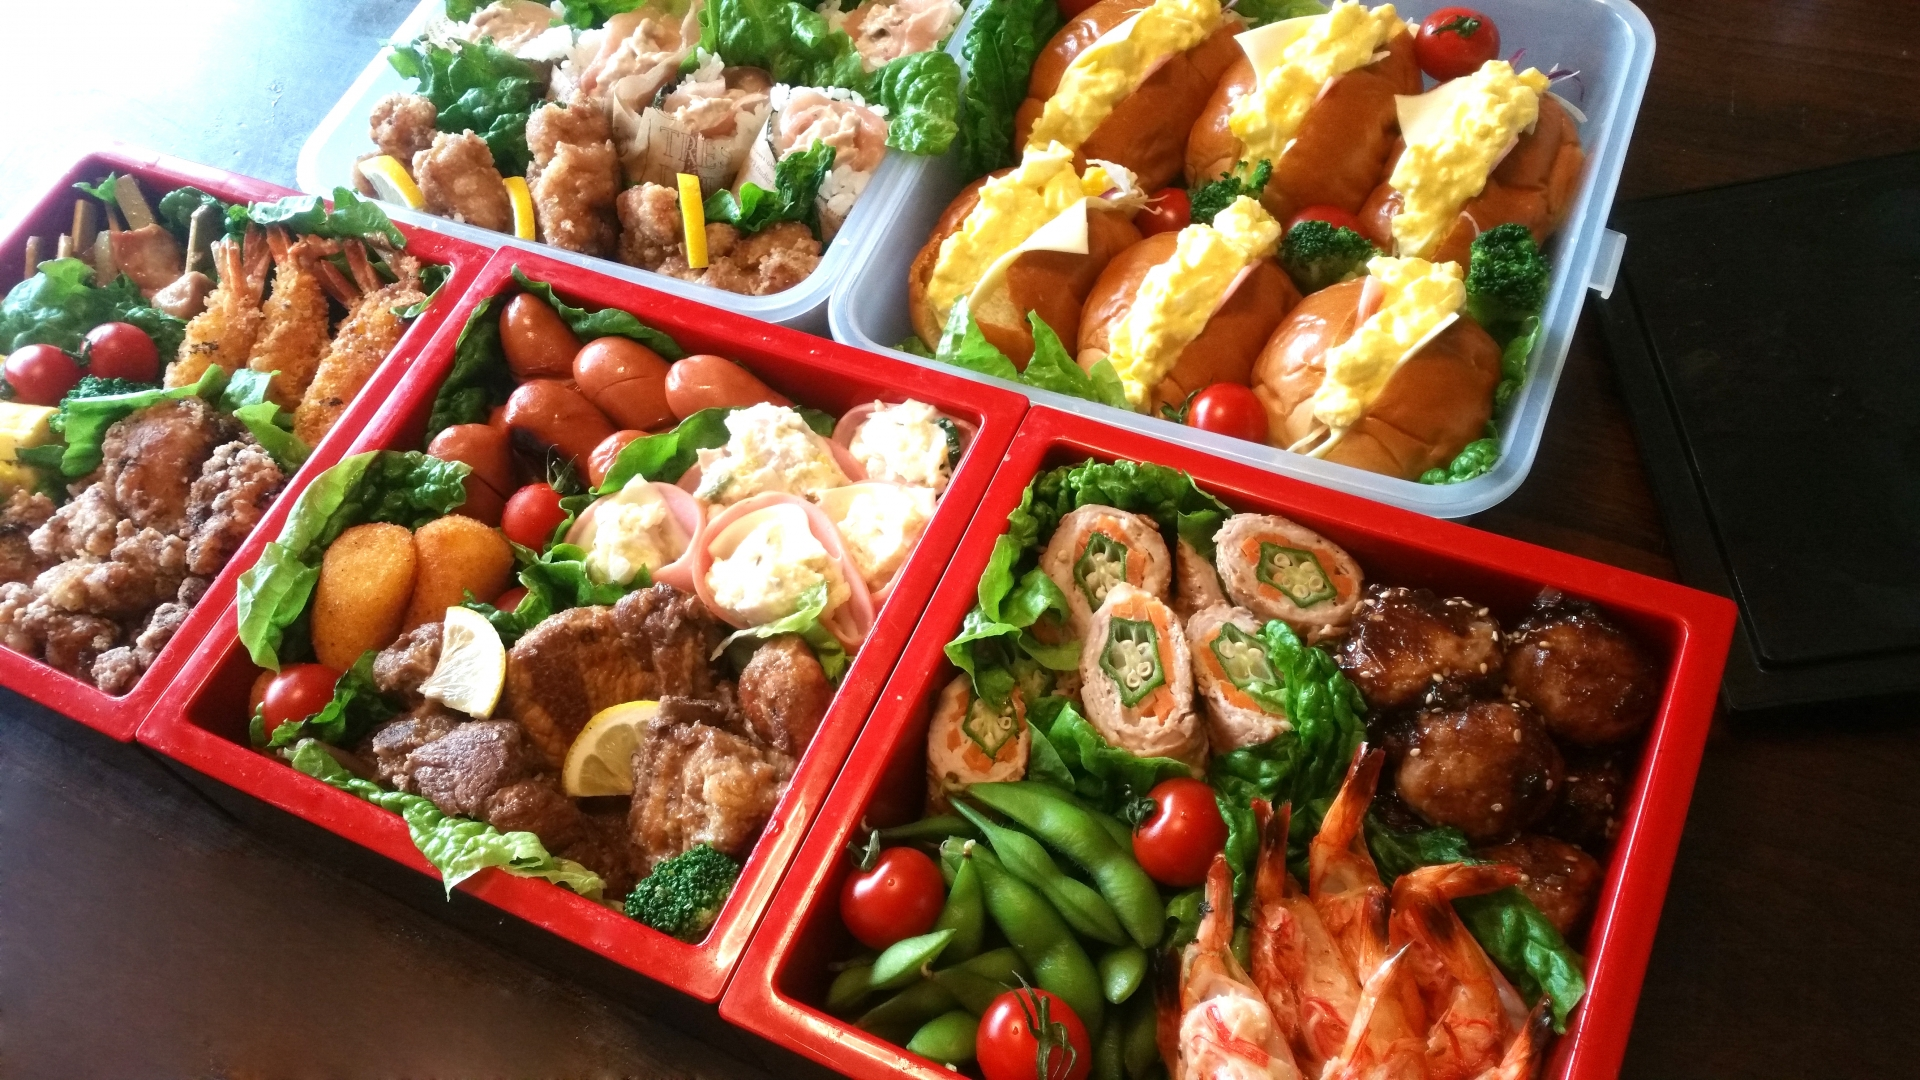 運動会のお弁当おすすめおかず14選!子供も大人も楽しめる人気レシピ , ARVO(アルヴォ)